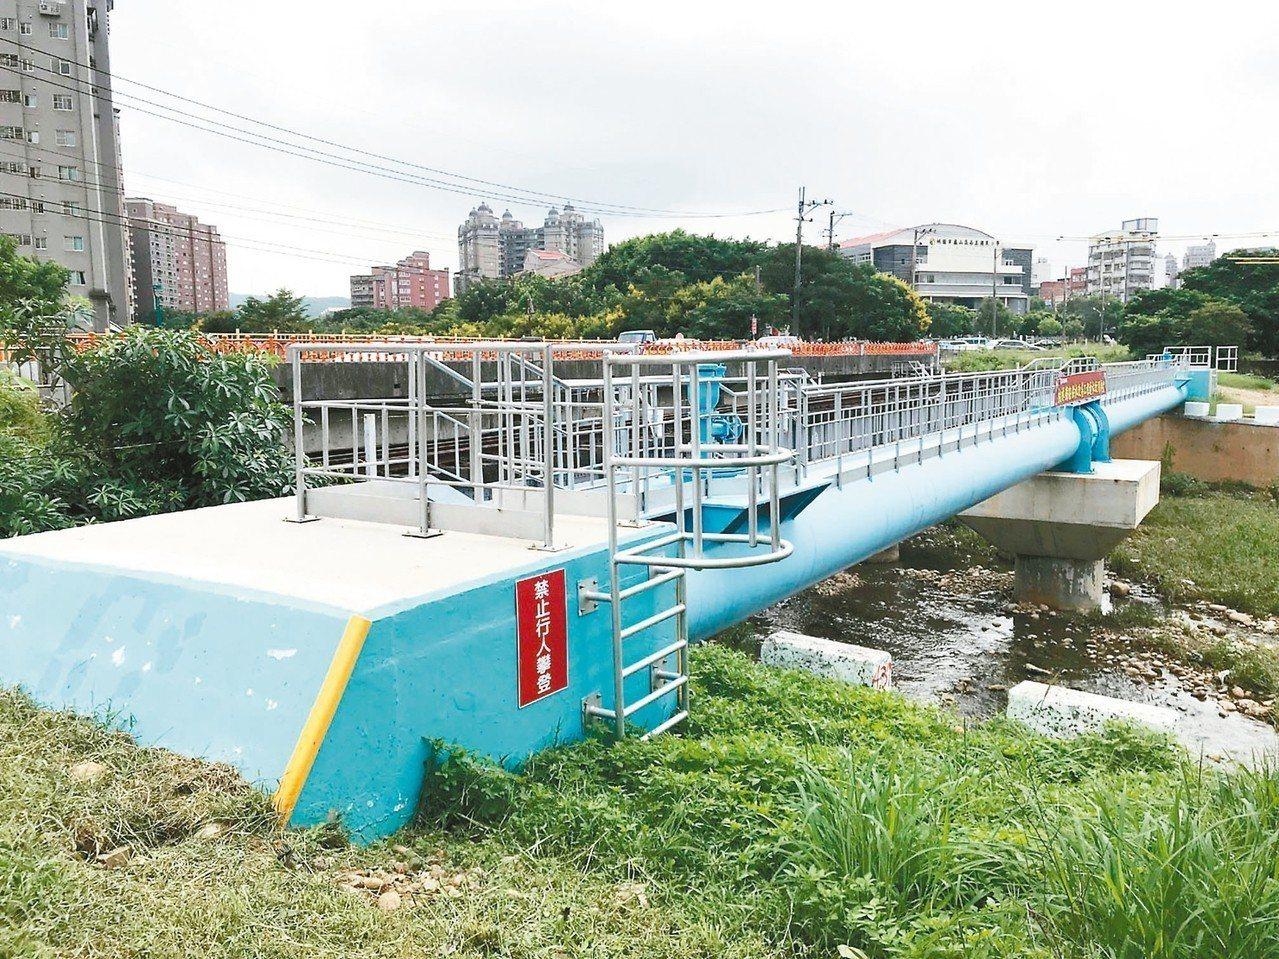 桃園市蘆竹區桃林鐵路供水改善工程完工全線通水。 記者曾增勳/攝影